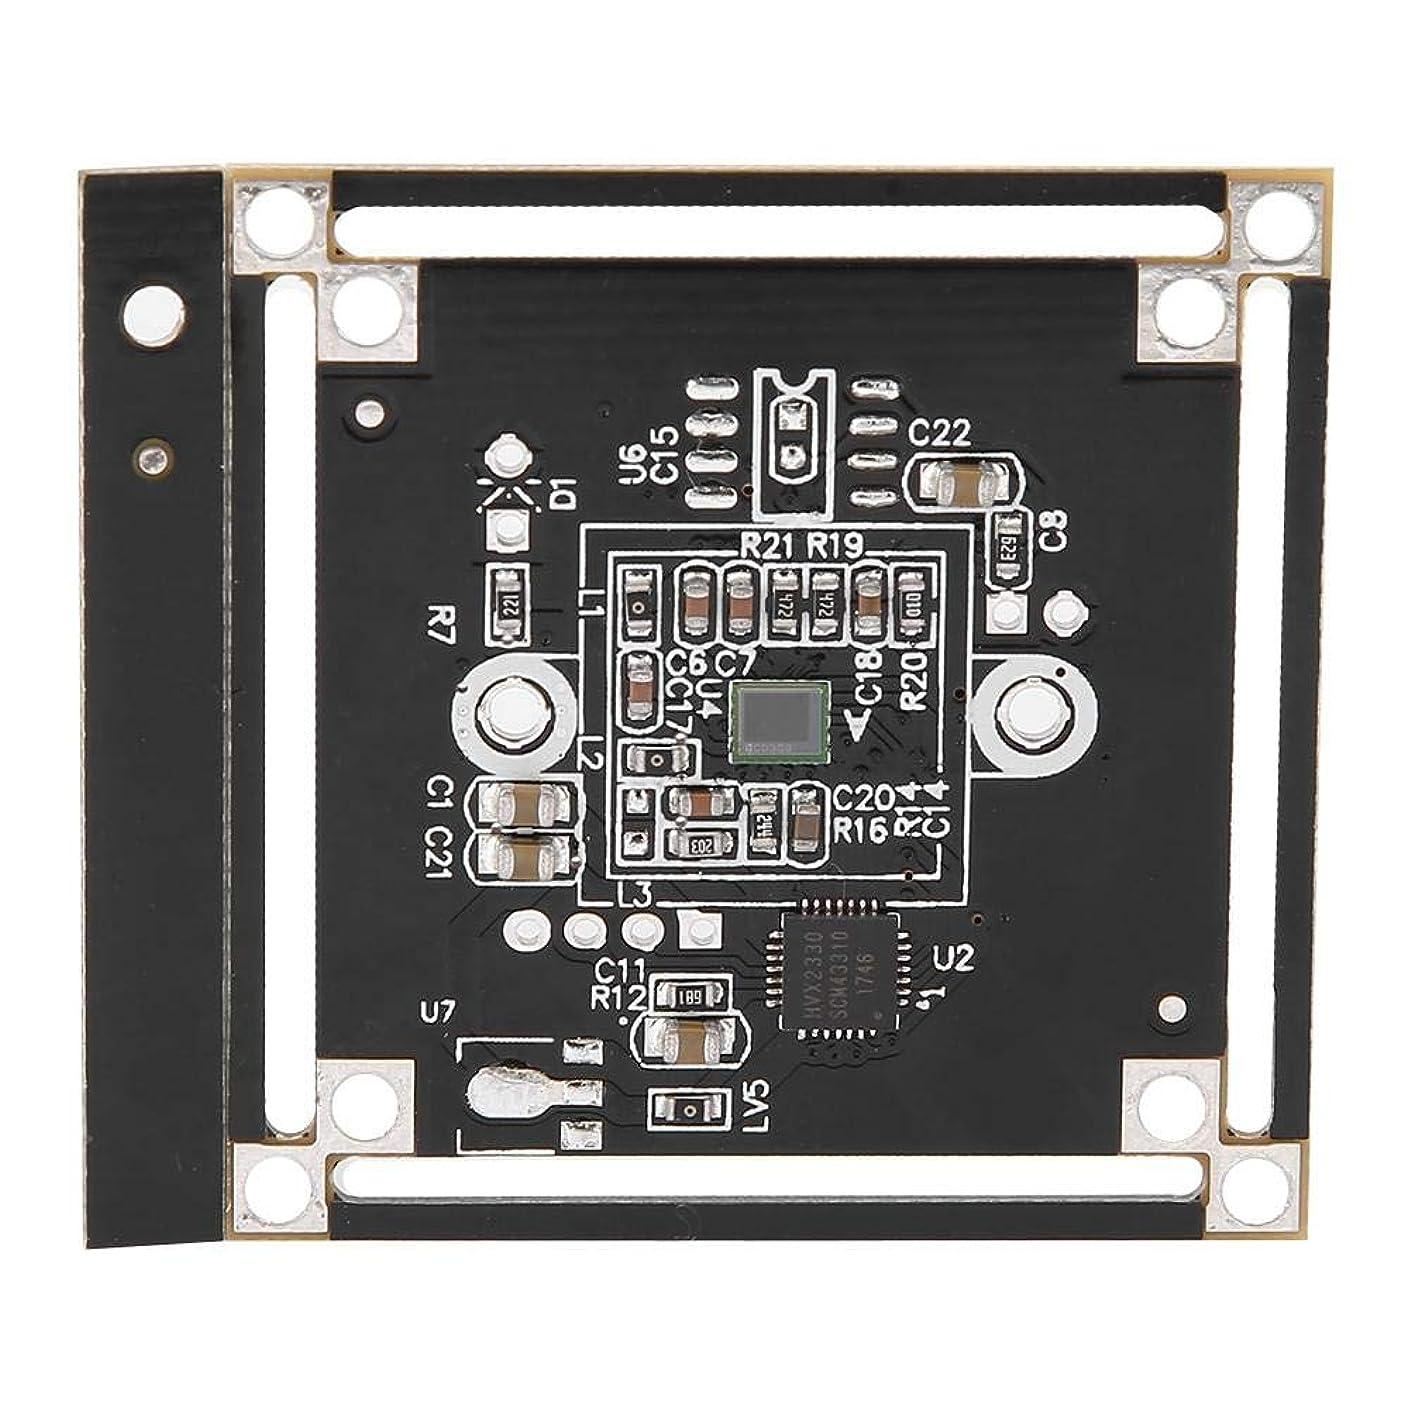 熟考する終わった失業者顕微鏡モジュール、USBデジタル顕微鏡用30Wピクセル高解像度HD USBミニ顕微鏡モジュール